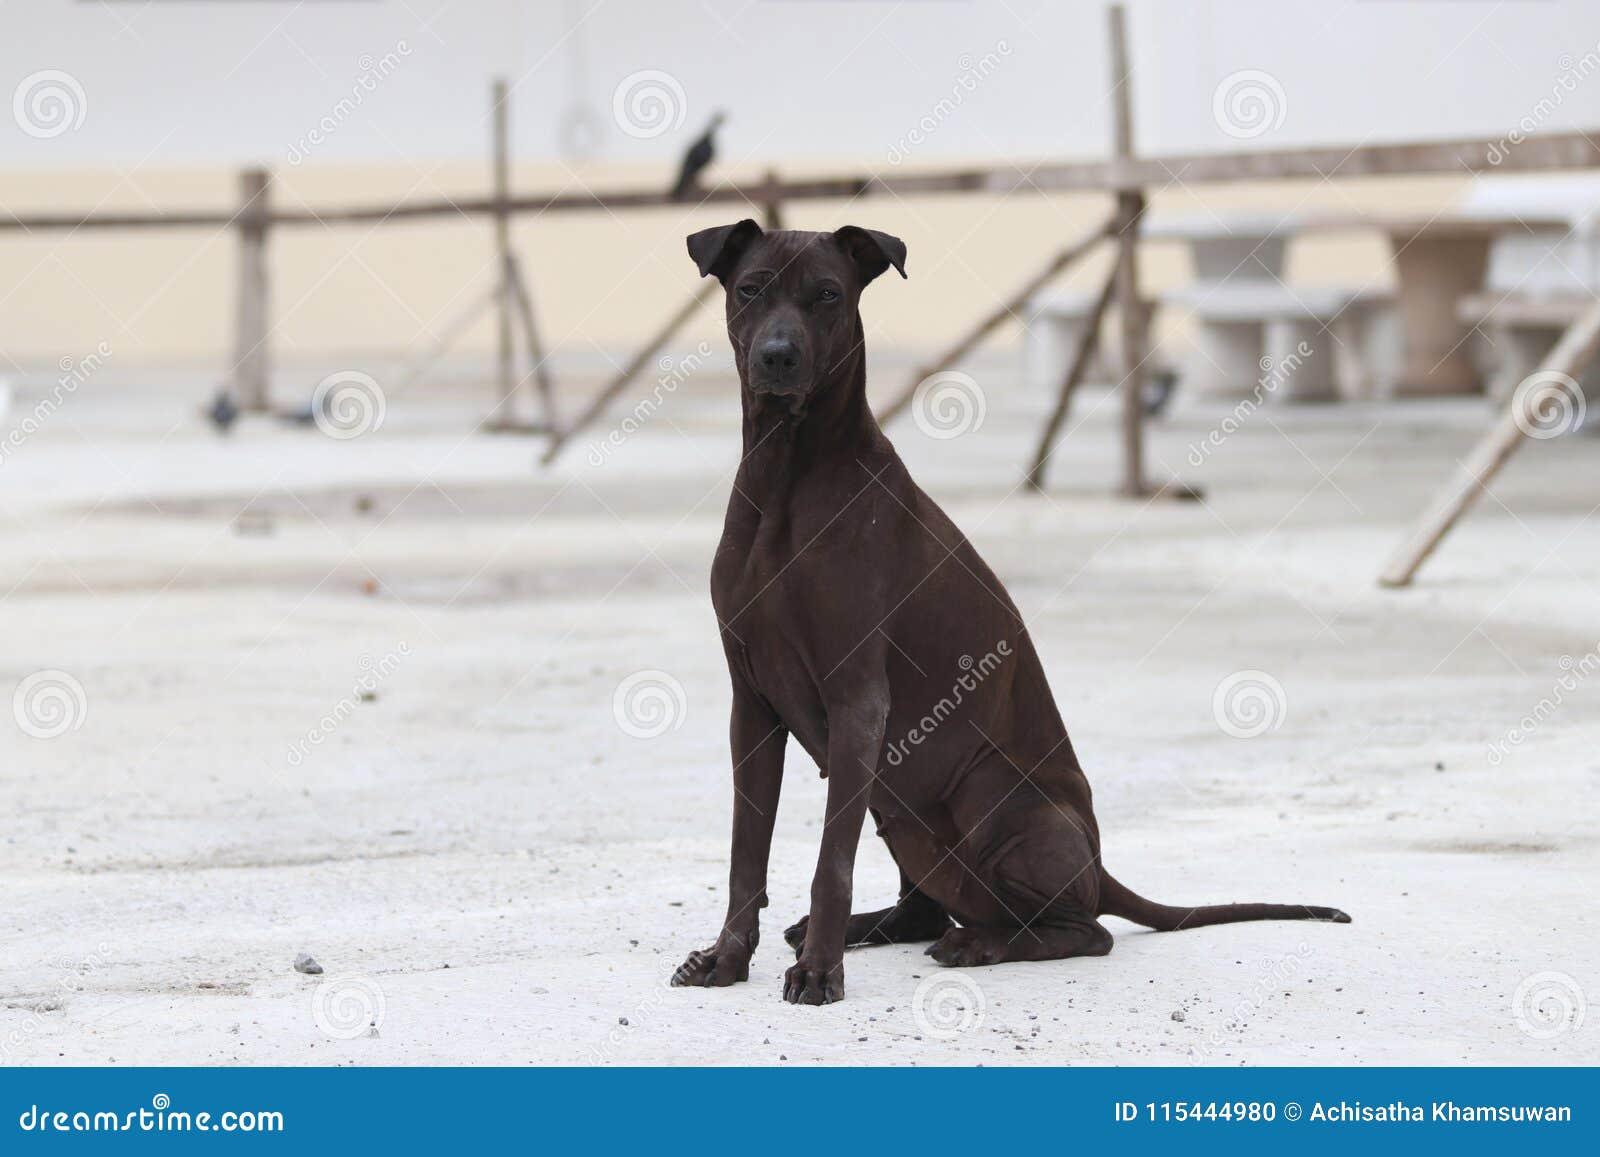 Ciemnego brązu psa obsiadanie na beton ziemi udomowiający mięsożerny ssak który typowo długą dyszę